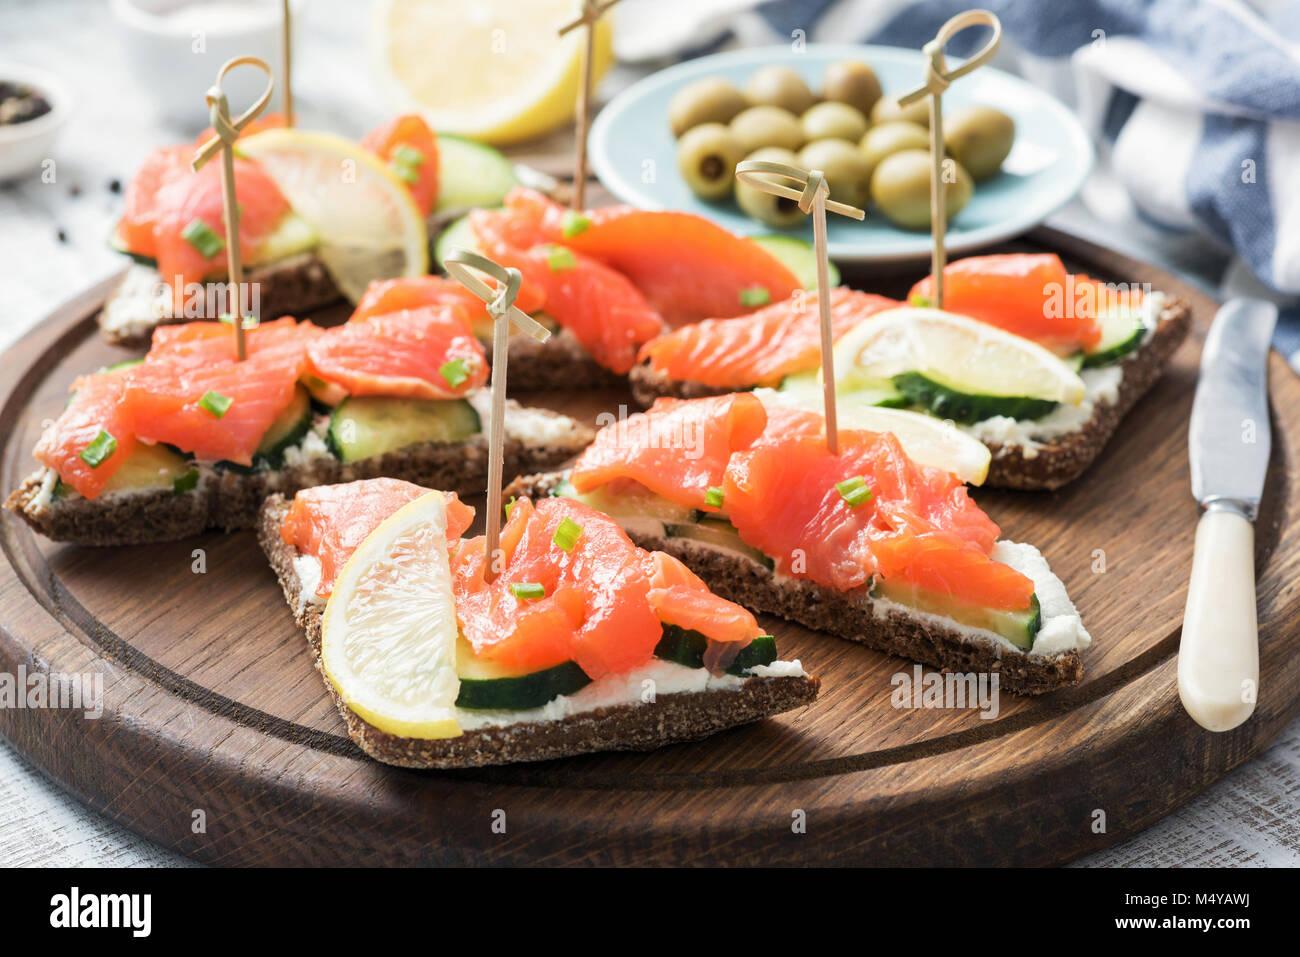 Canape Sandwiches mit Lachs, Gurke und Frischkäse. Detailansicht Stockbild